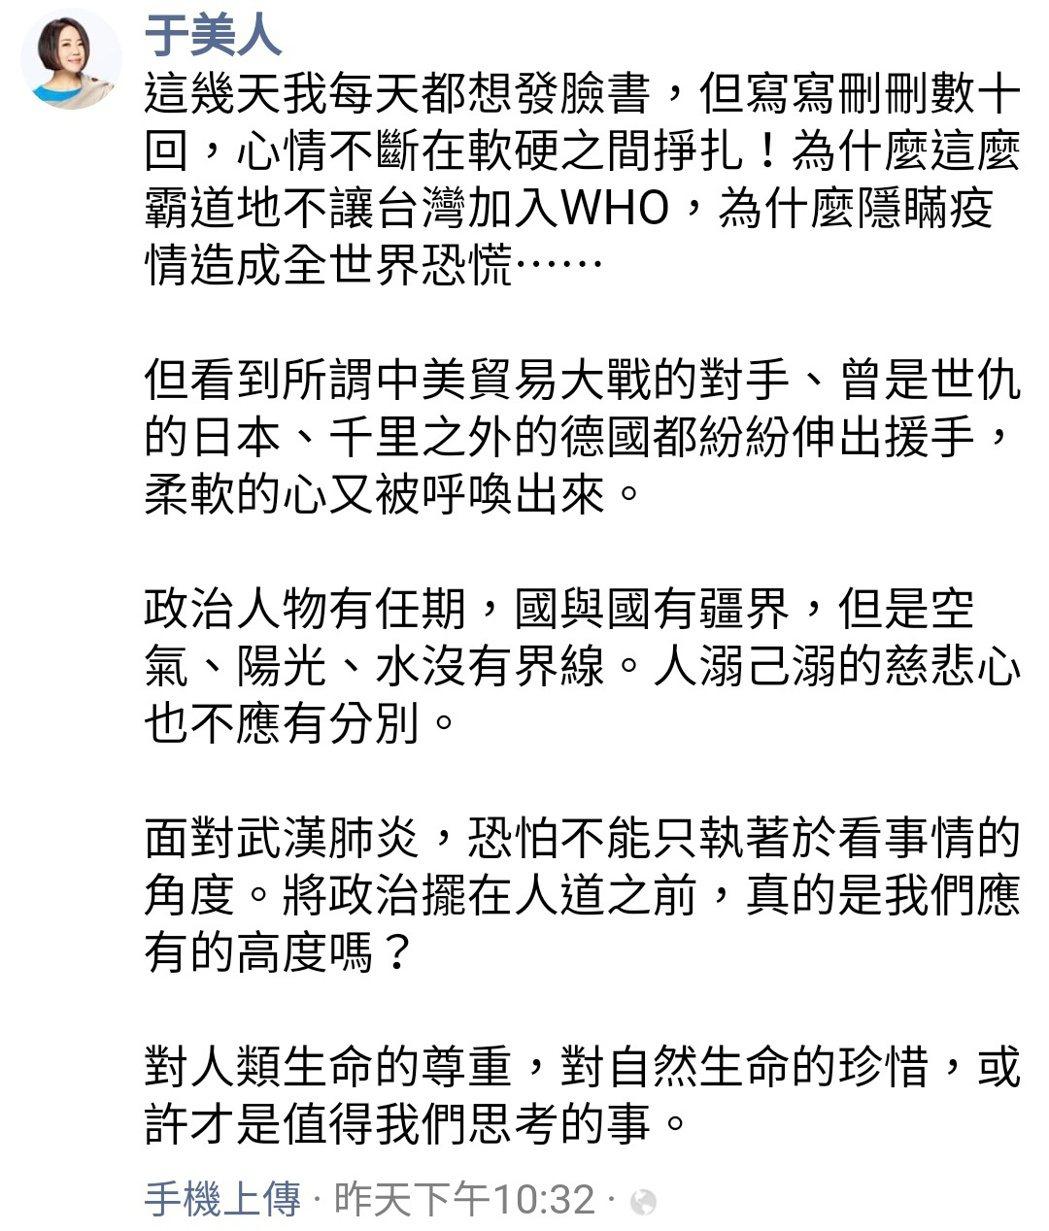 圖/擷自于美人臉書